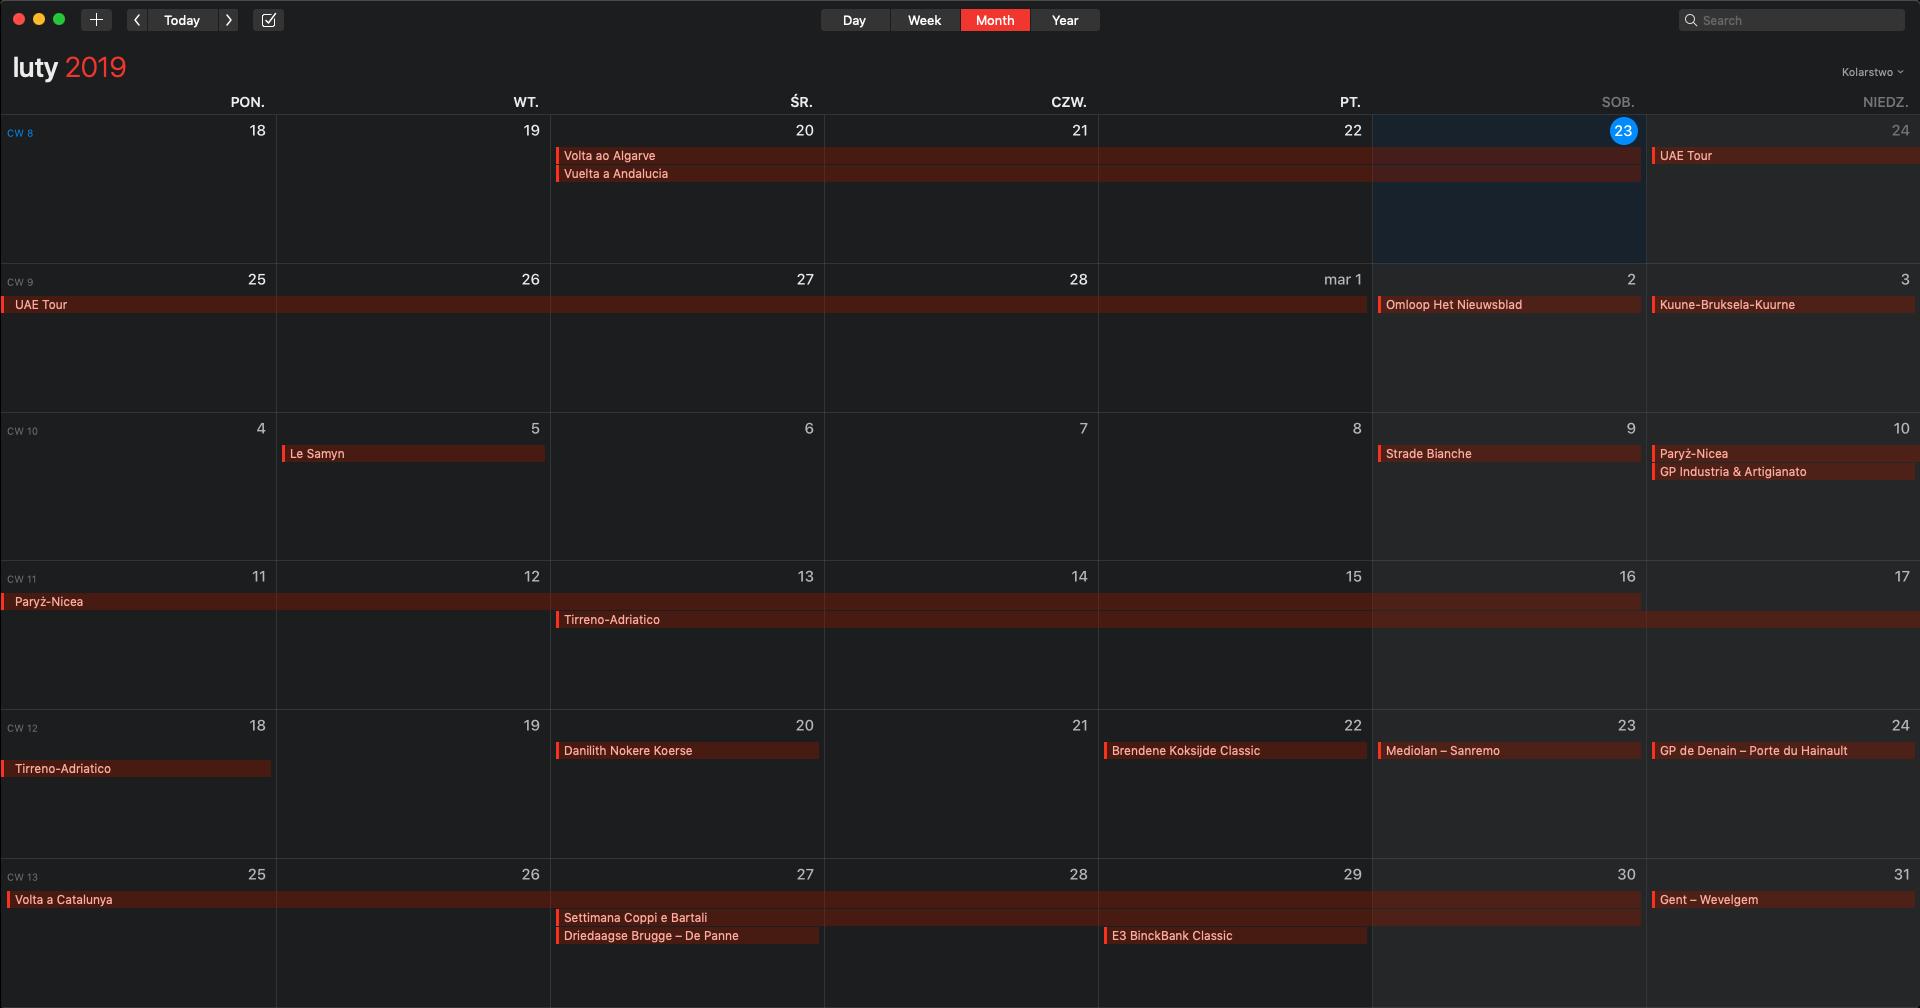 fullscreen kalendarz kolarski 2019